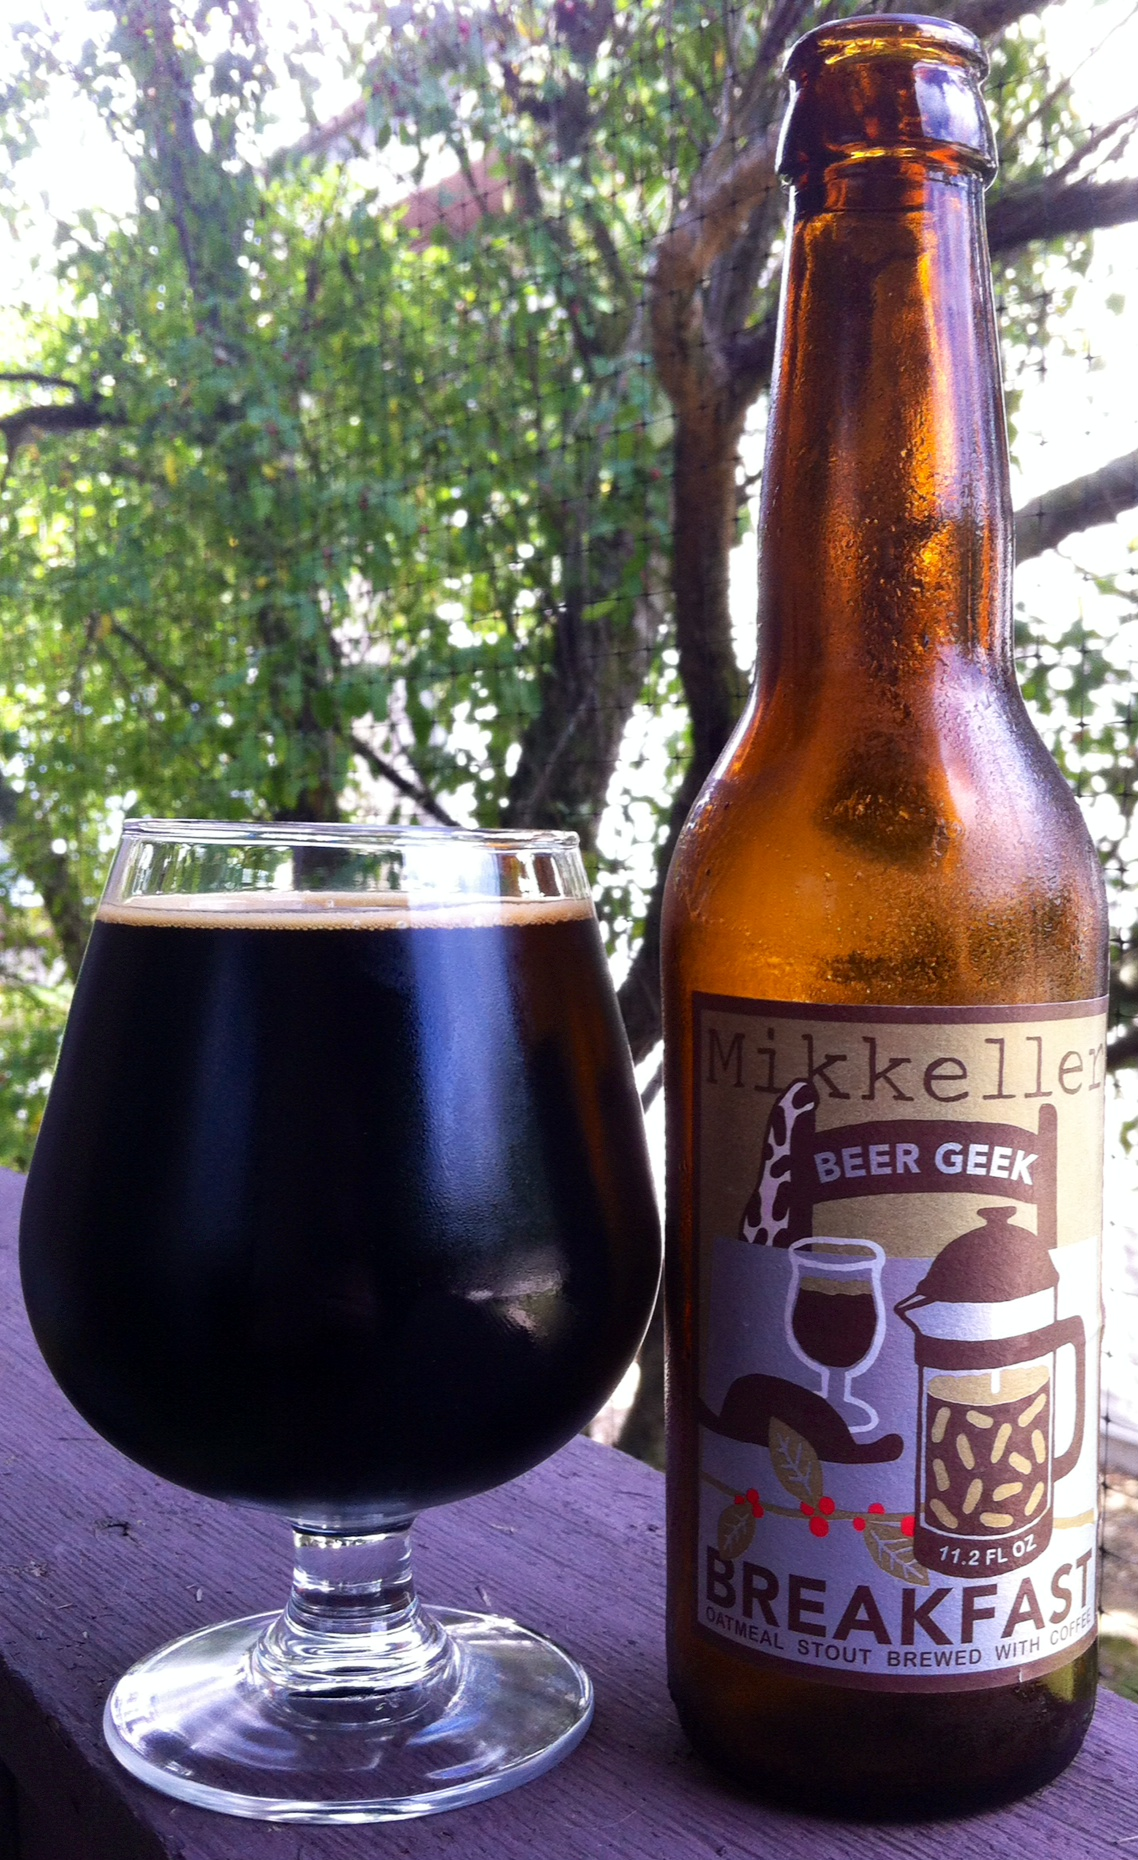 mikkeller-beer-geek-breakfast